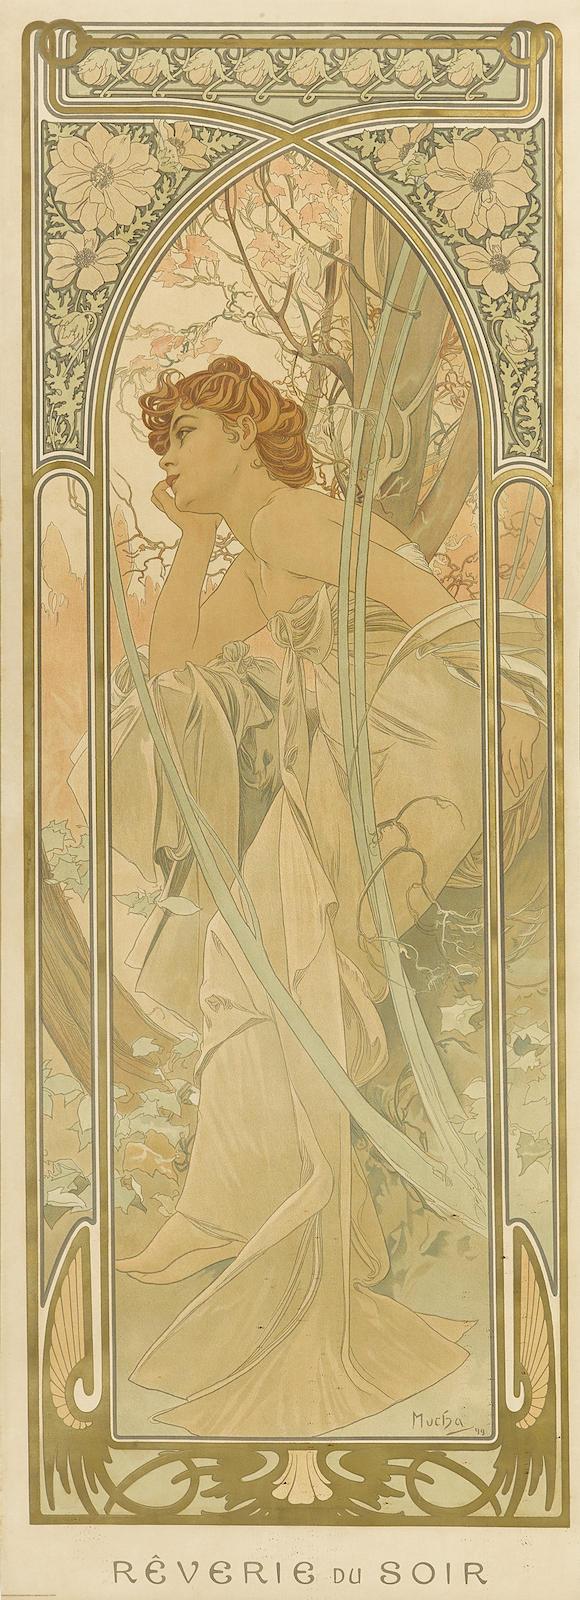 Alphonse Mucha-Reverie du soir, from Heures du jour (R./W. 62.3)-1899